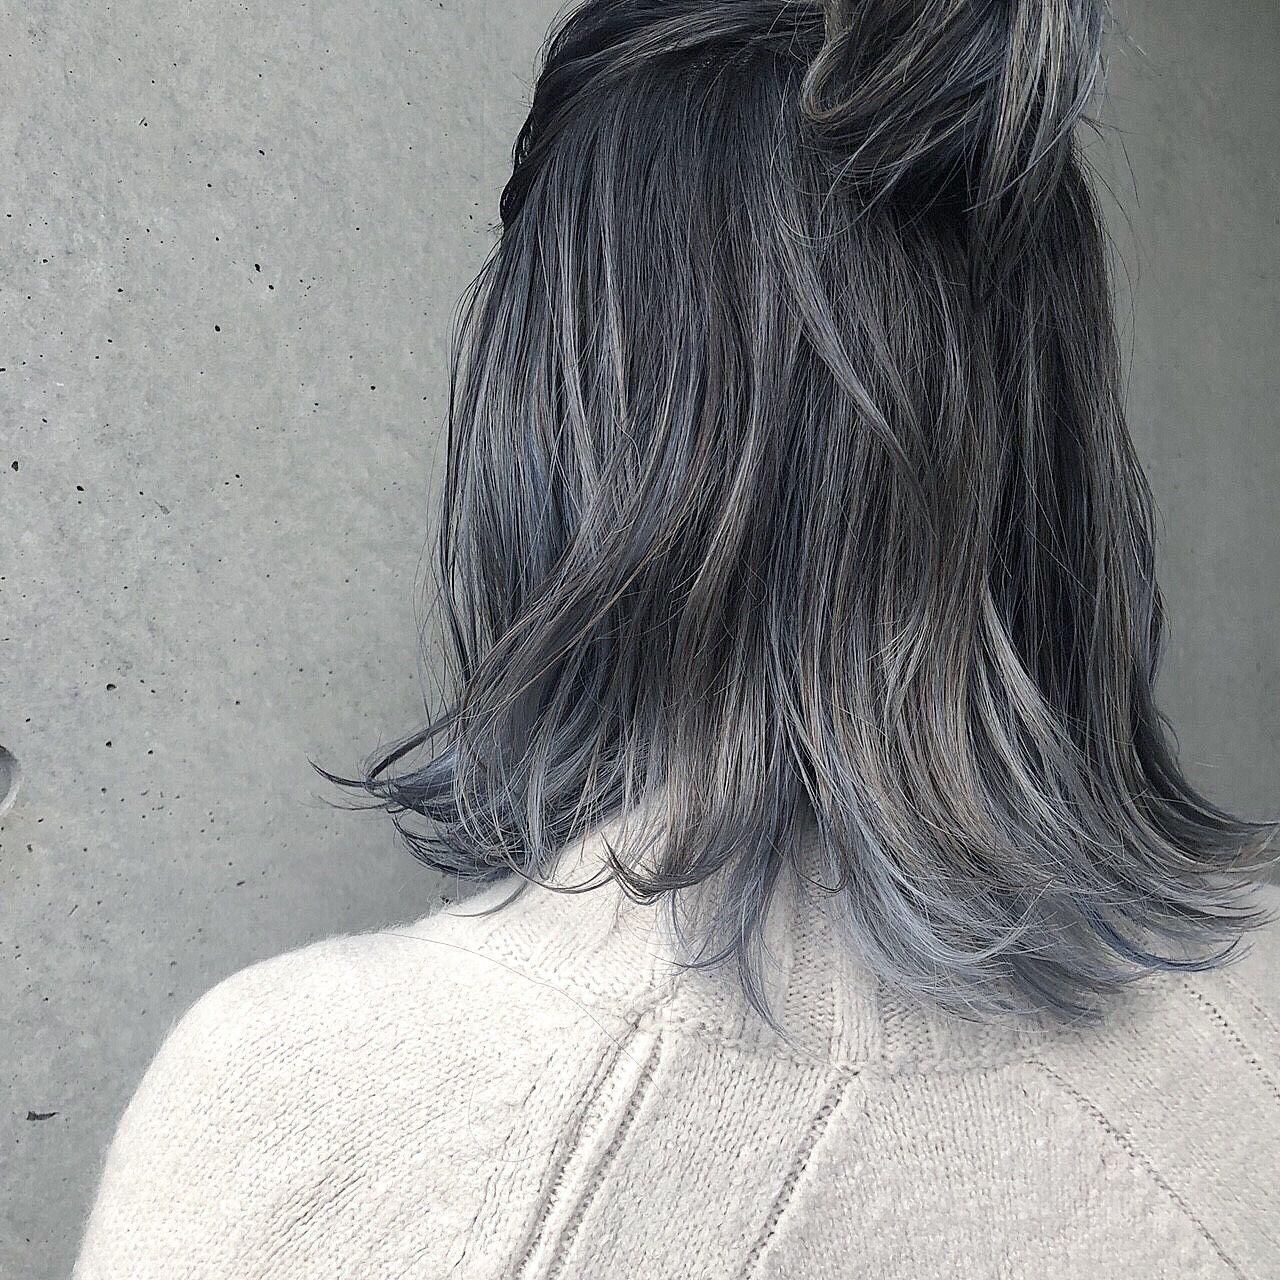 たっぷりのハイライトに 根元中間はグレーで毛先にホワイトシルバーを メッシュでブルーも入れて欲張りカラー ヘアカラー シルバー 髪色 グレー 髪 色 シルバー